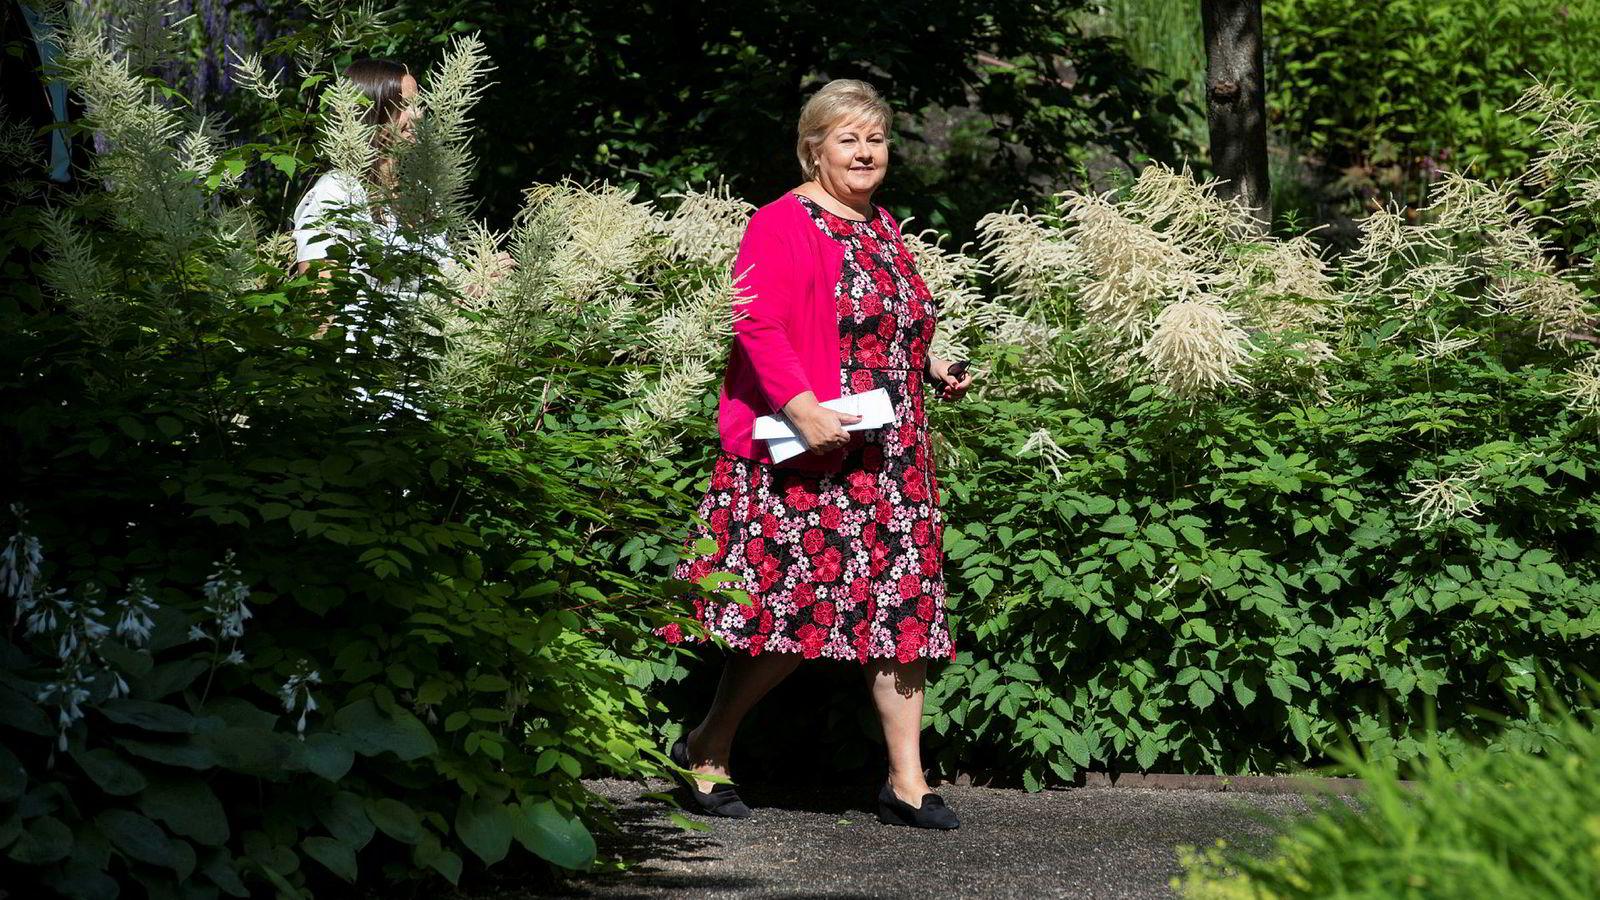 Erna Solberg, du er statsminister i landet vårt, flosklene du nylig serverte er deg ikke verdig, skriver artikkelforfatteren.